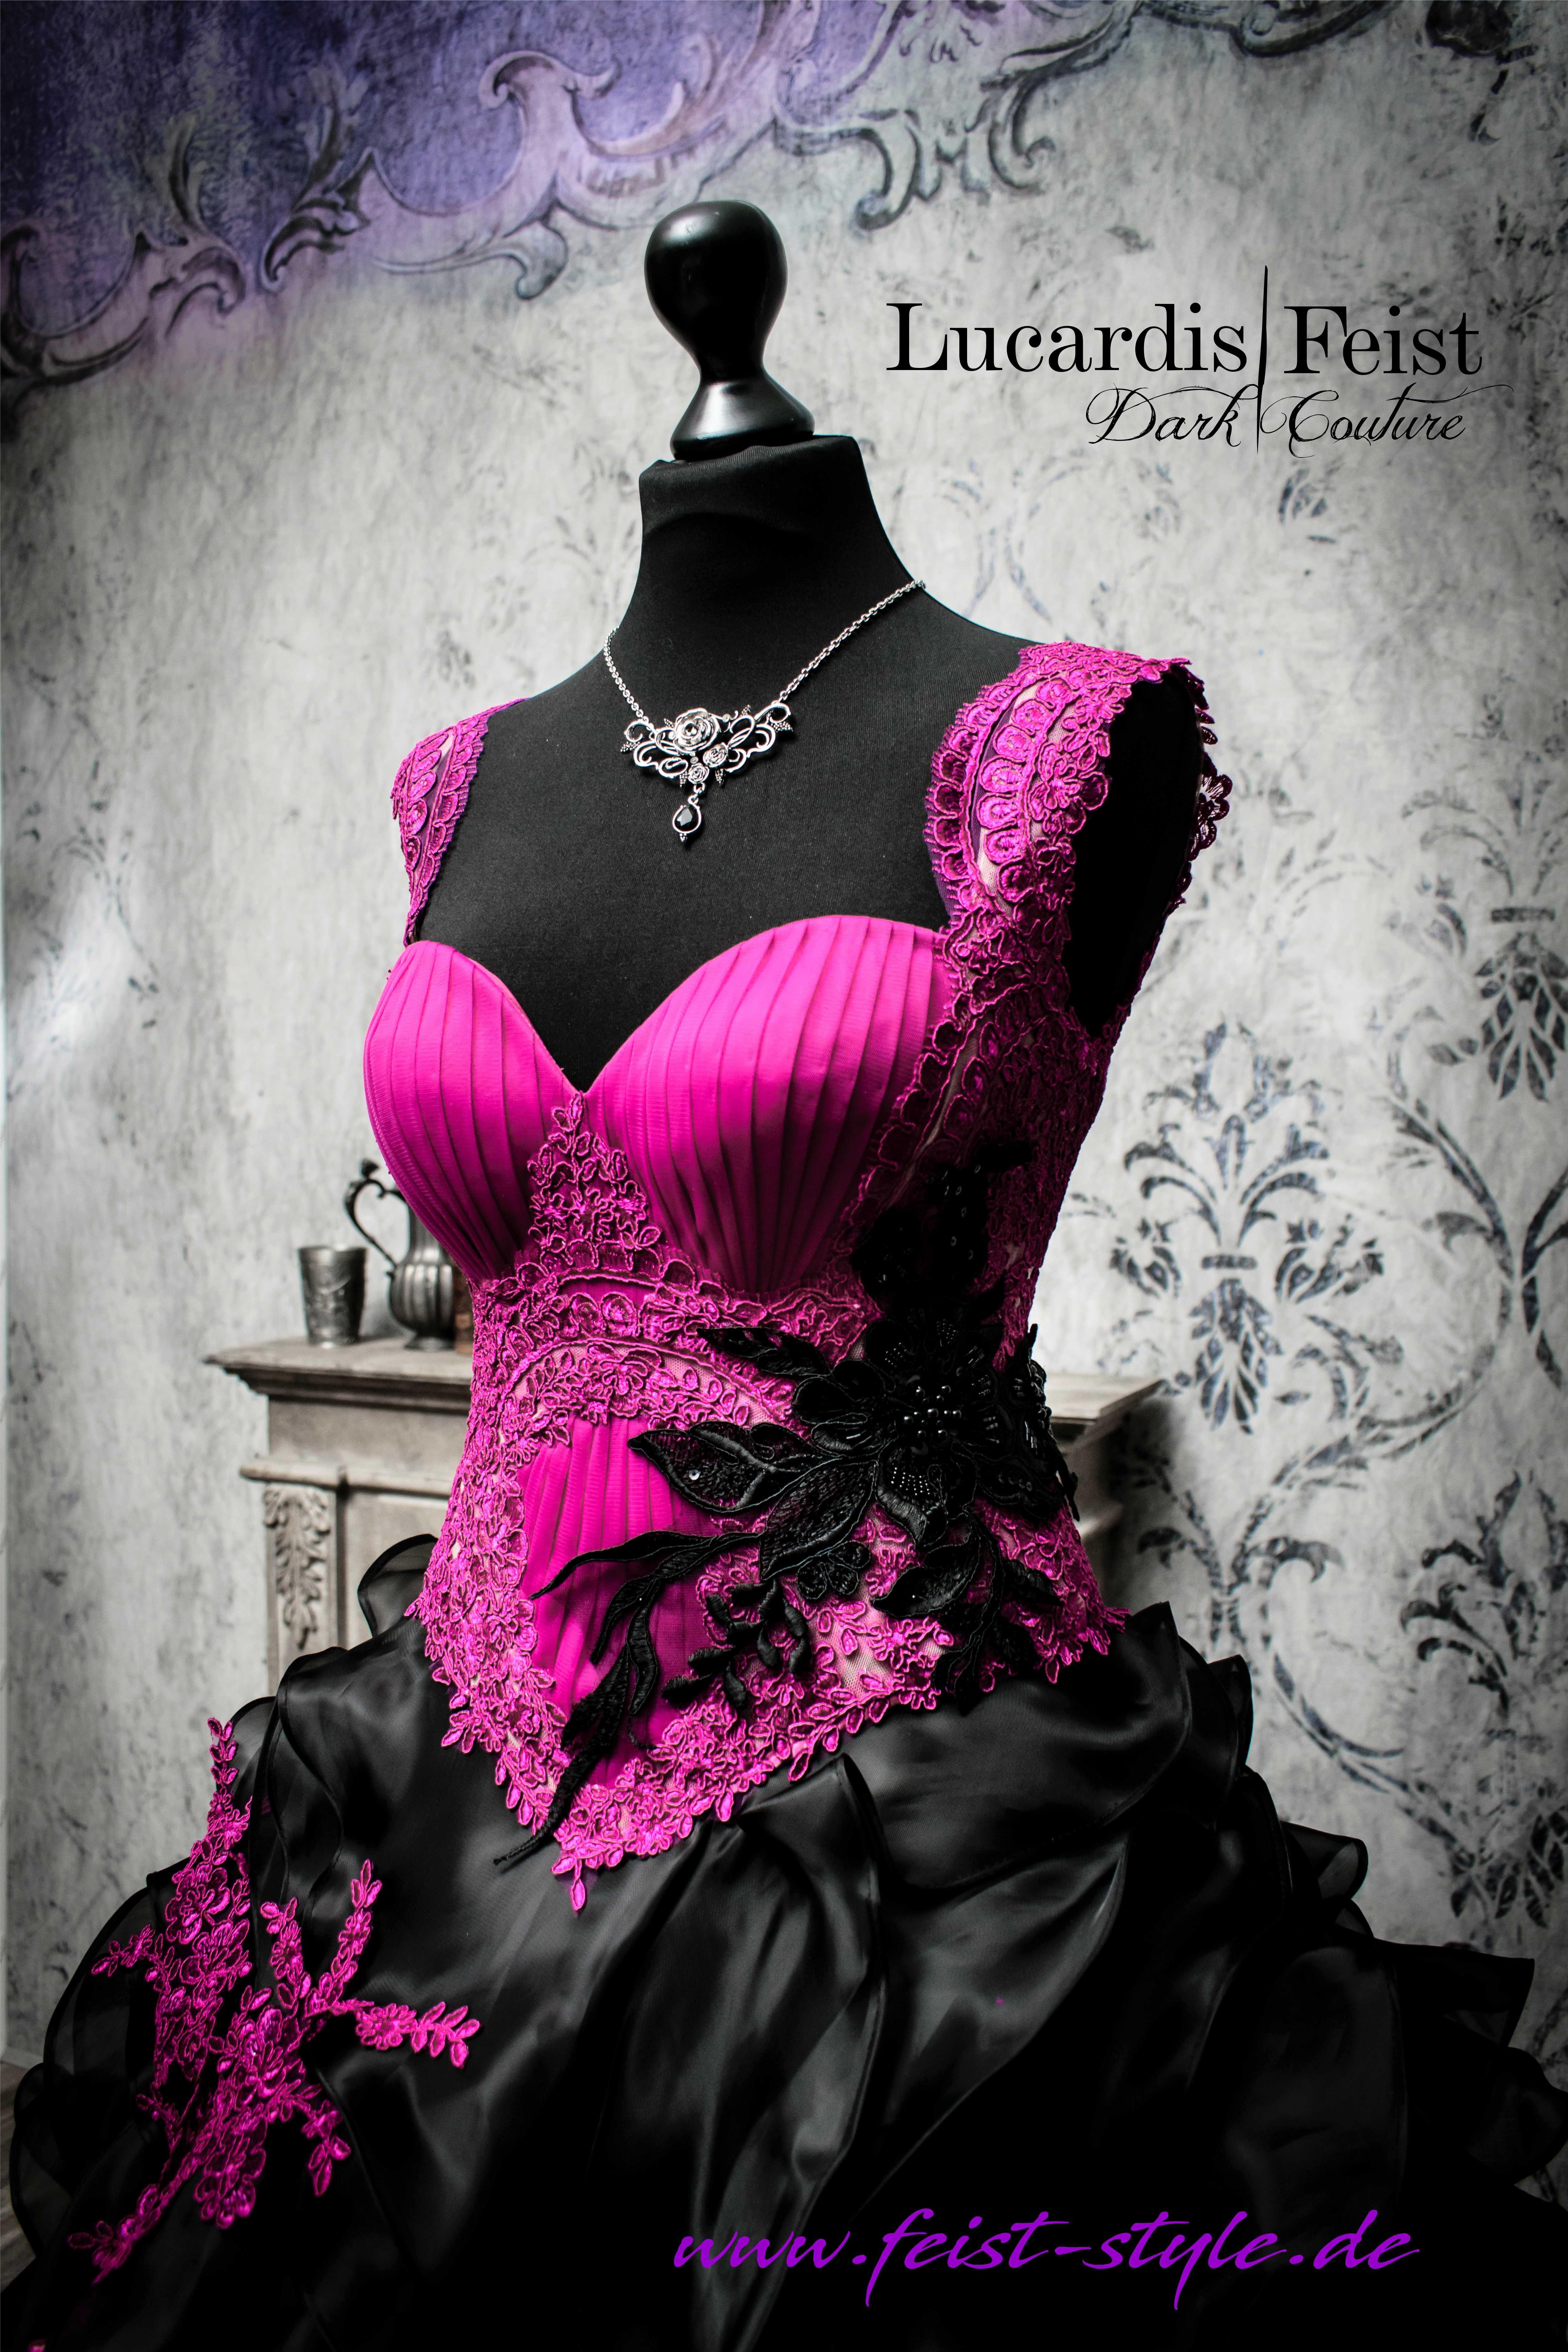 Pin auf Extravagante Brautkleider von Lucardis Feist